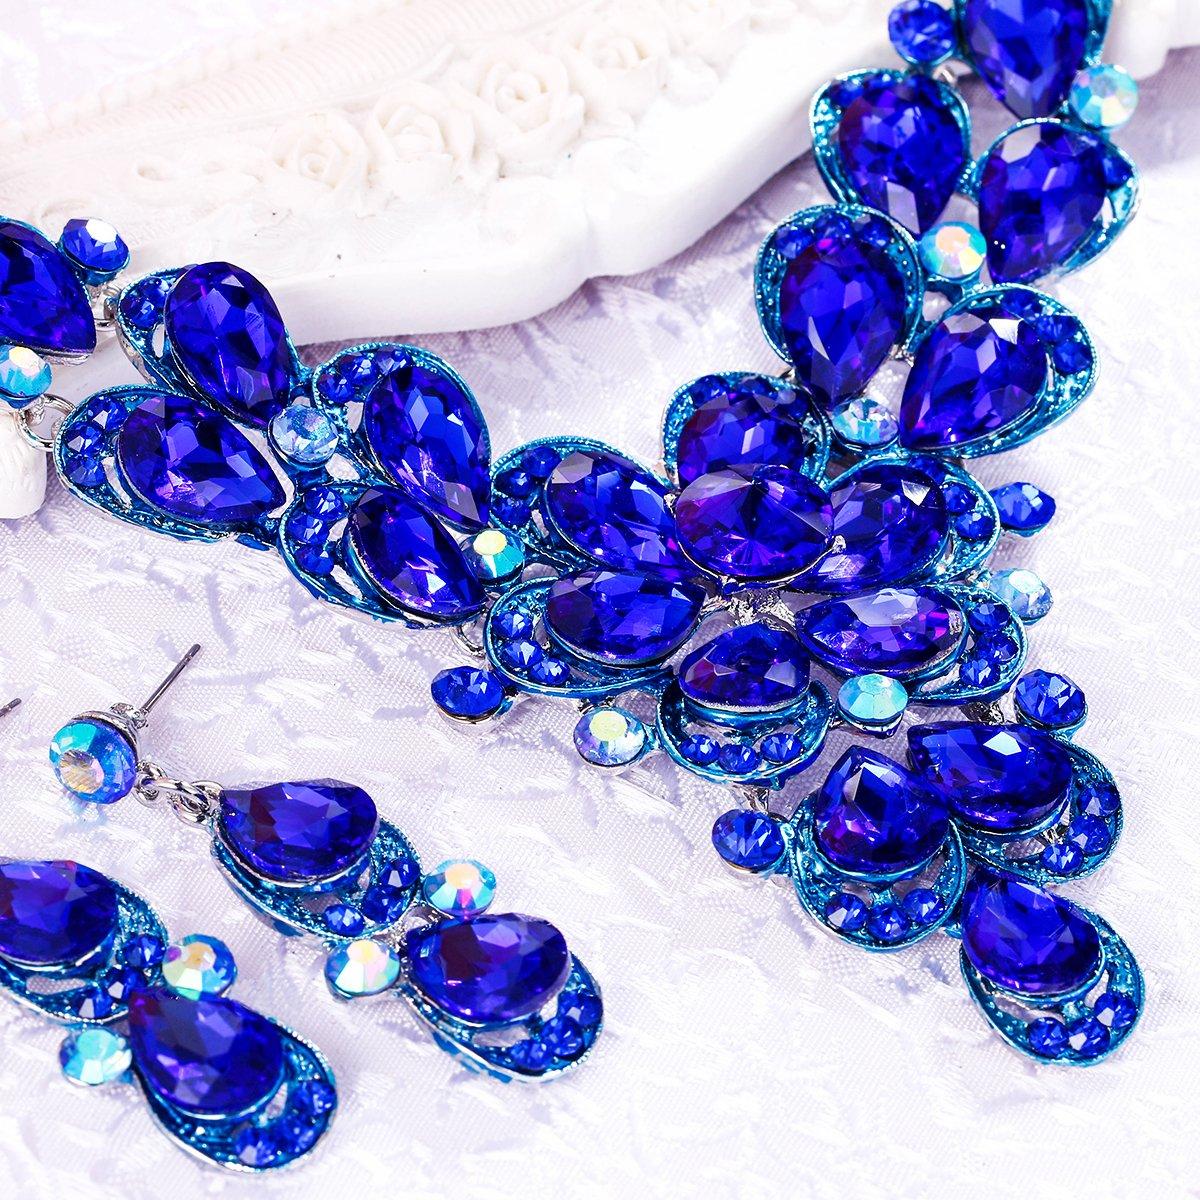 Clearine Femme Cristal Goutte Floral Collier Plastron Boucles doreilles Ensemble Mariage Mari/ée El/égant Bijou